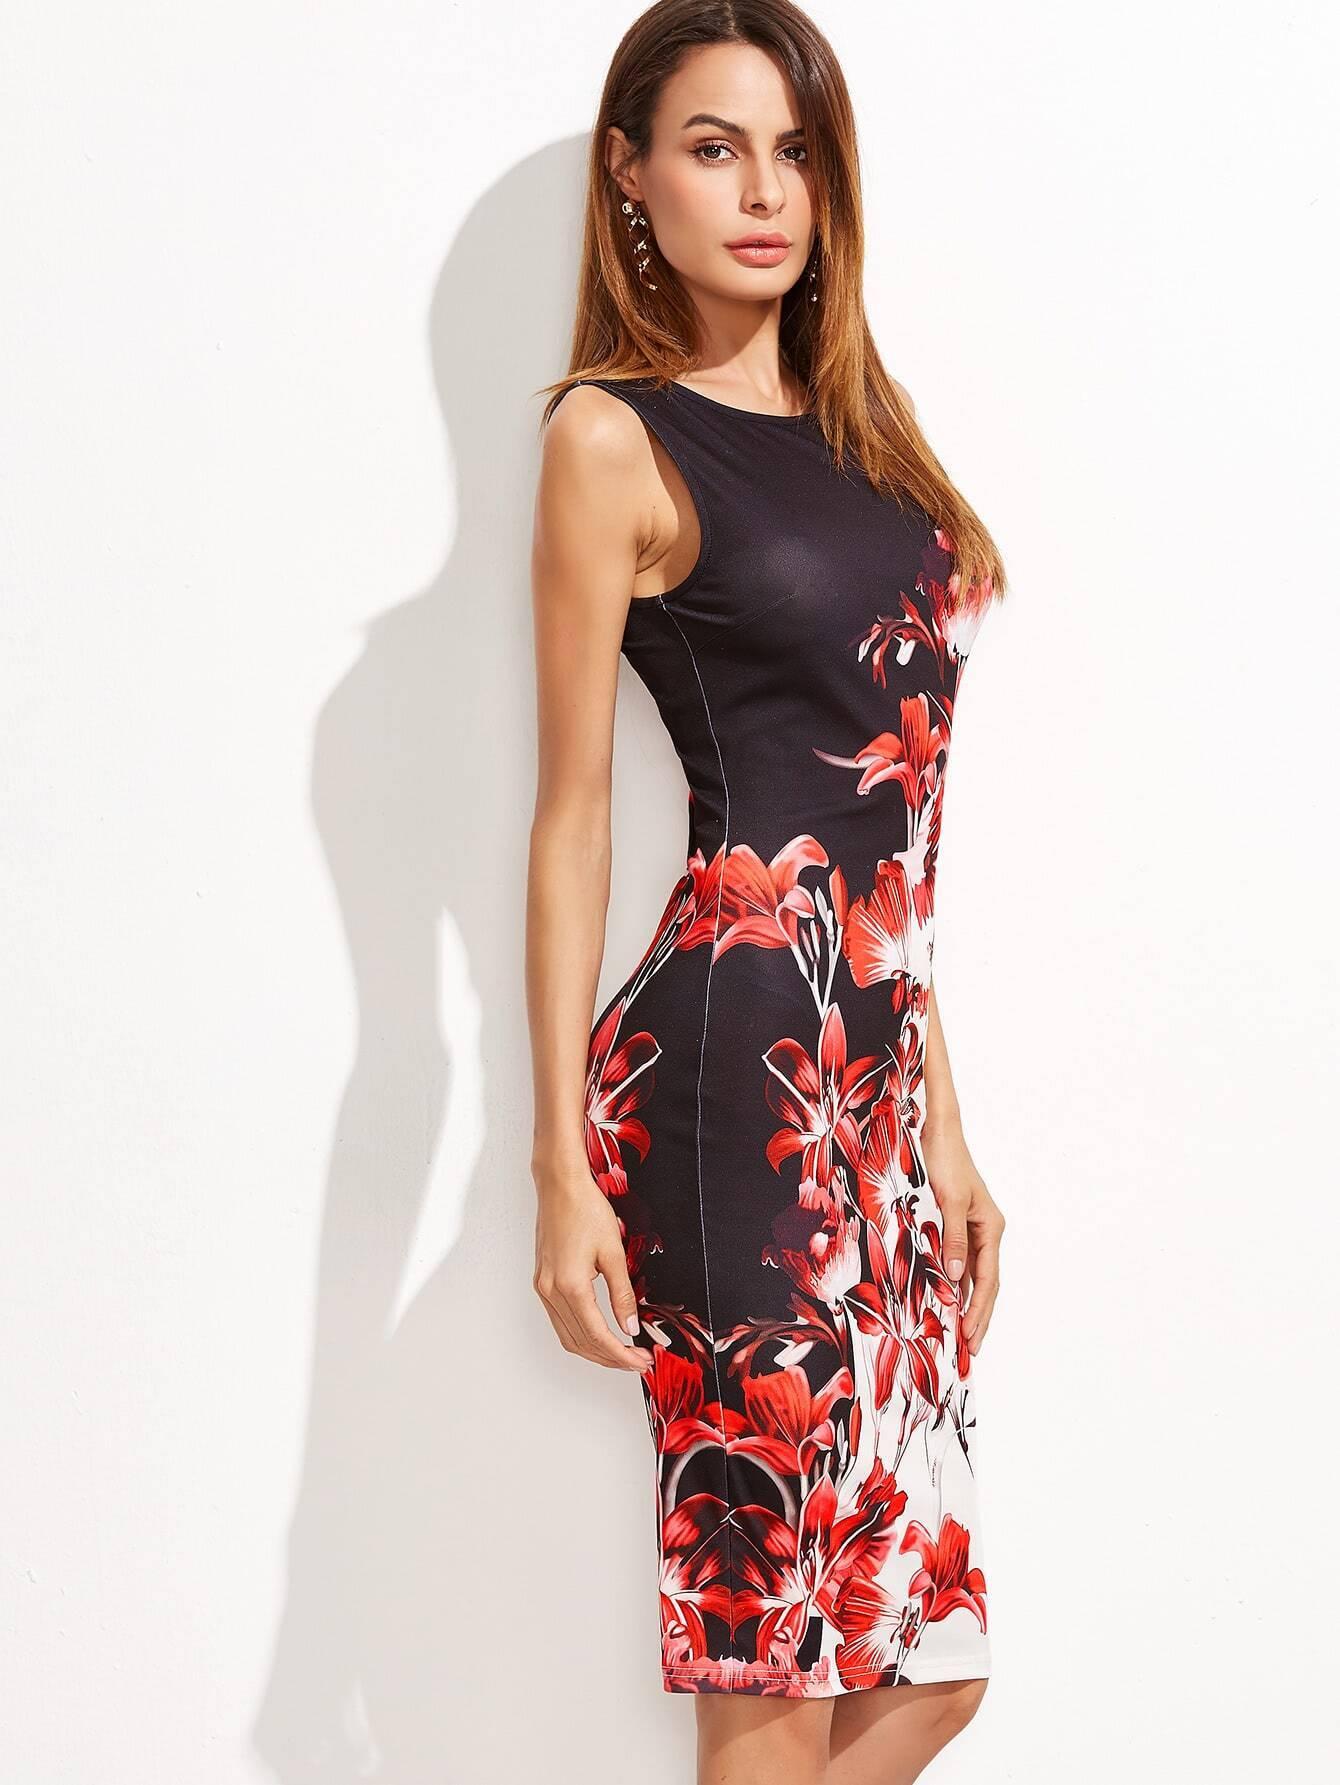 dress161125712_2